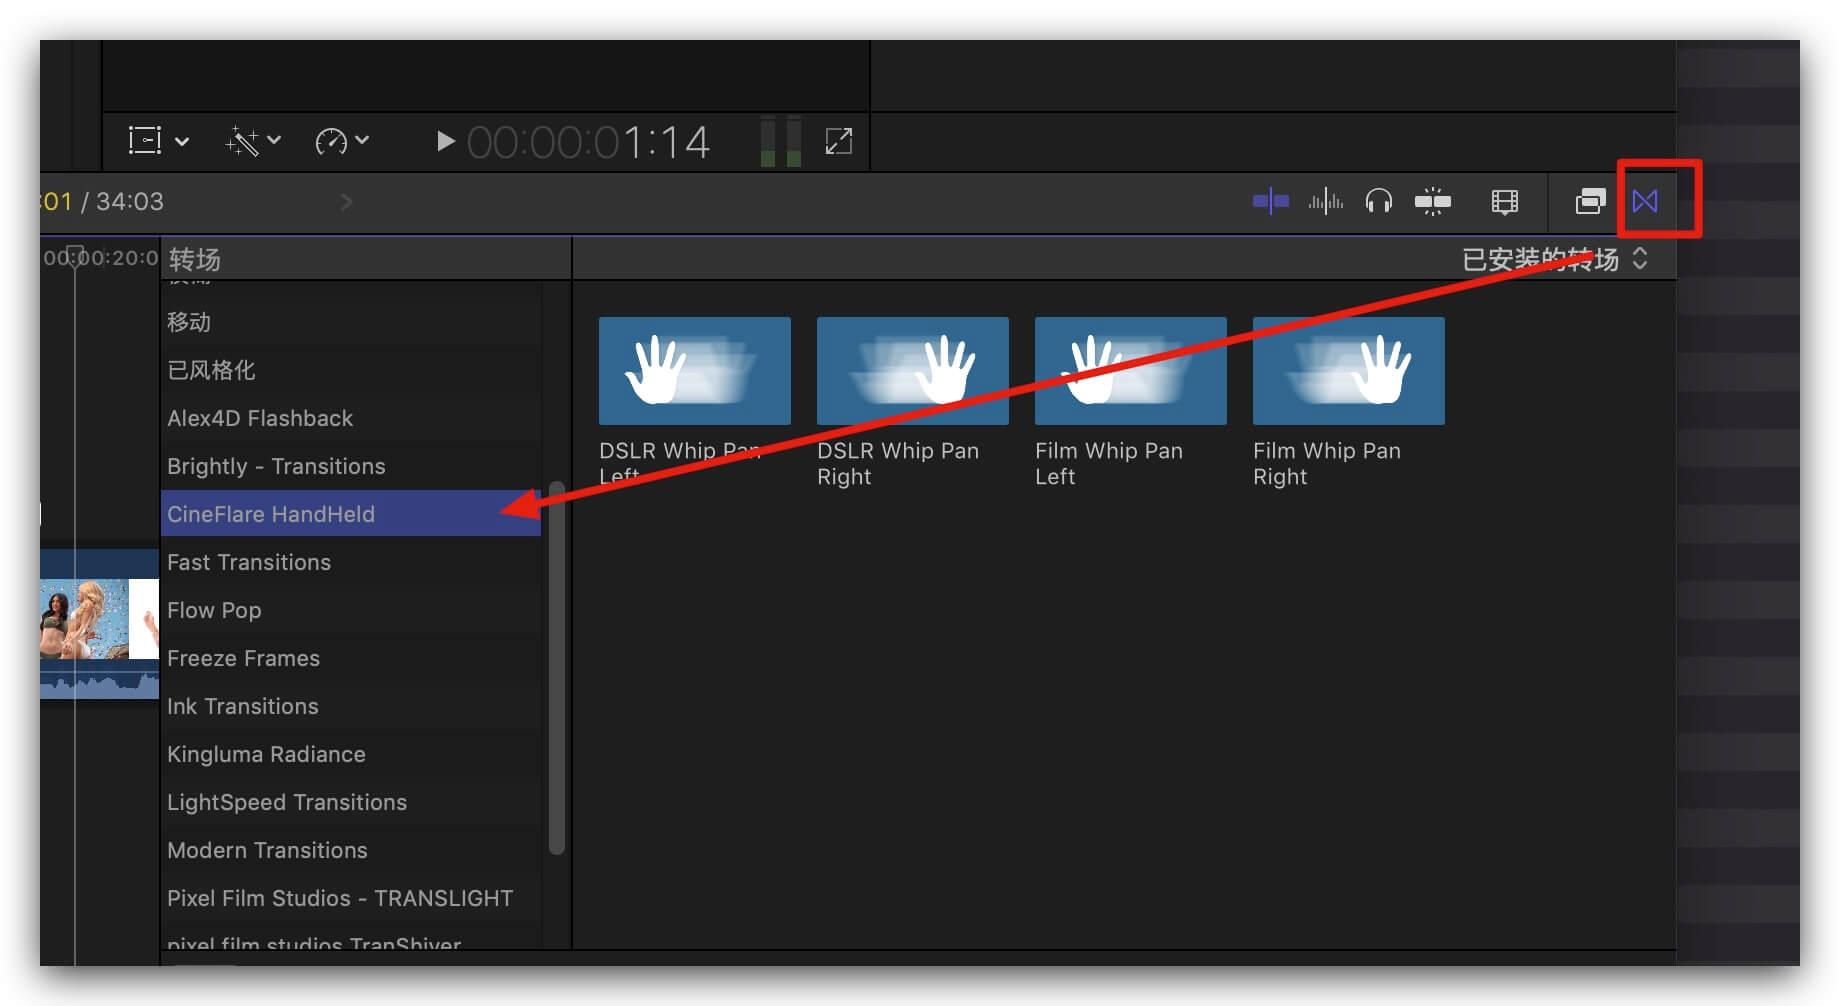 Fcpx插件 模拟相机手持拍摄抖动镜头聚焦变焦缩放搜索效果 CineFlare HandHeld V3